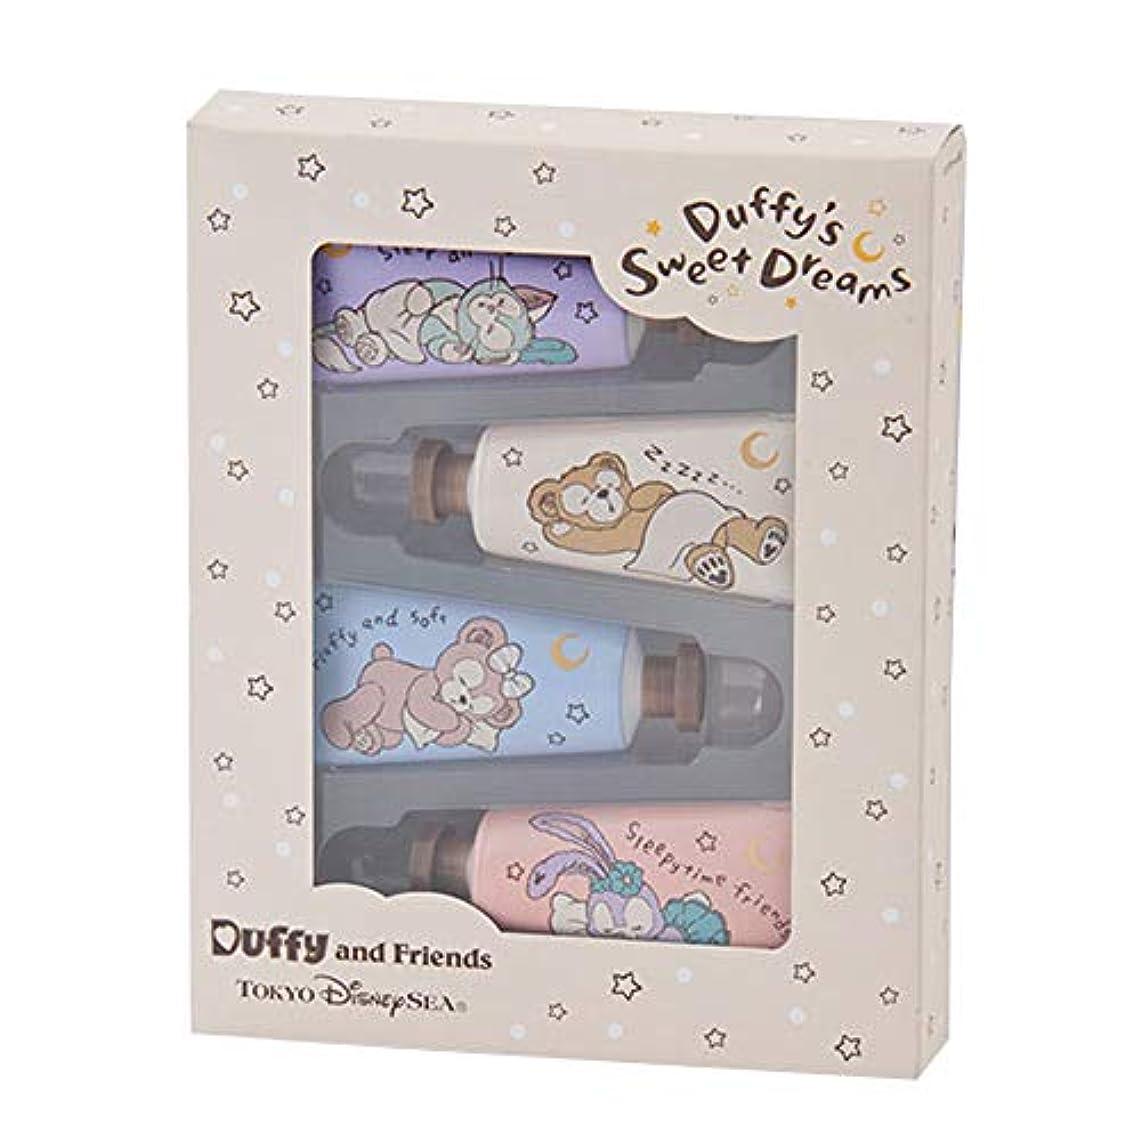 ダッフィー&フレンズ ハンドクリームセット Duffy's Sweet Dreams!2019 ダッフィー スウィート ドリームズ ディズニー グッズ お土産【東京ディズニーシー限定】